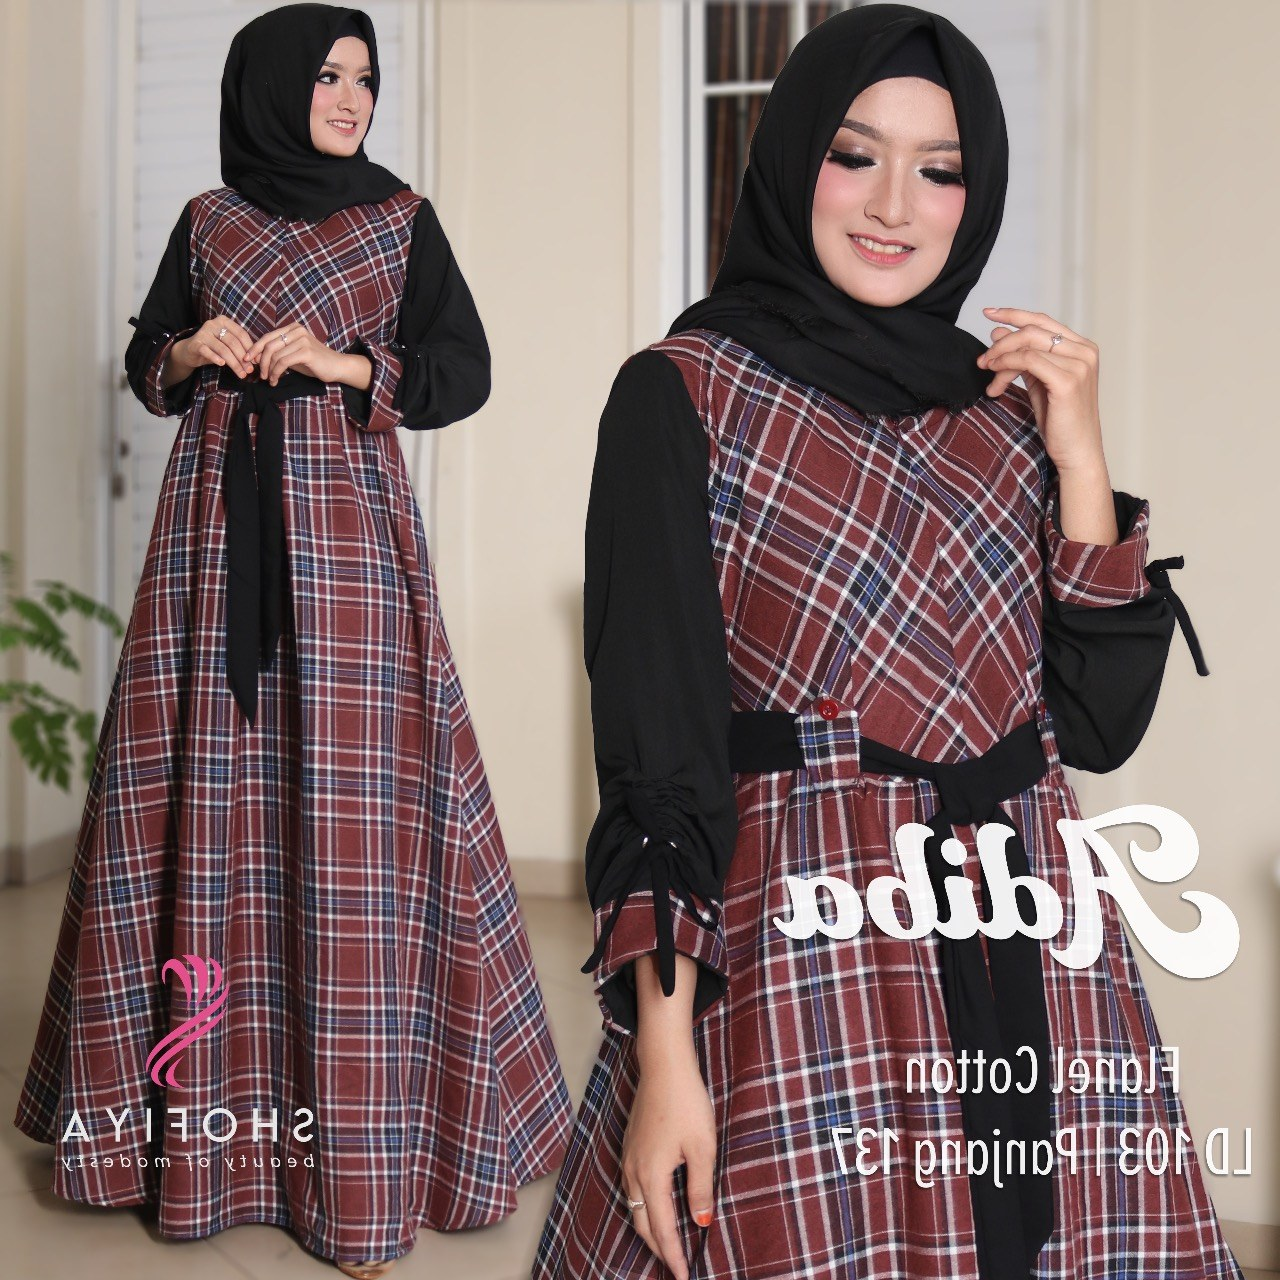 Ide Model Baju Lebaran Syahrini Tahun Ini Drdp Baju Gamis Terbaru Lebaran Wa 0811 5131 482